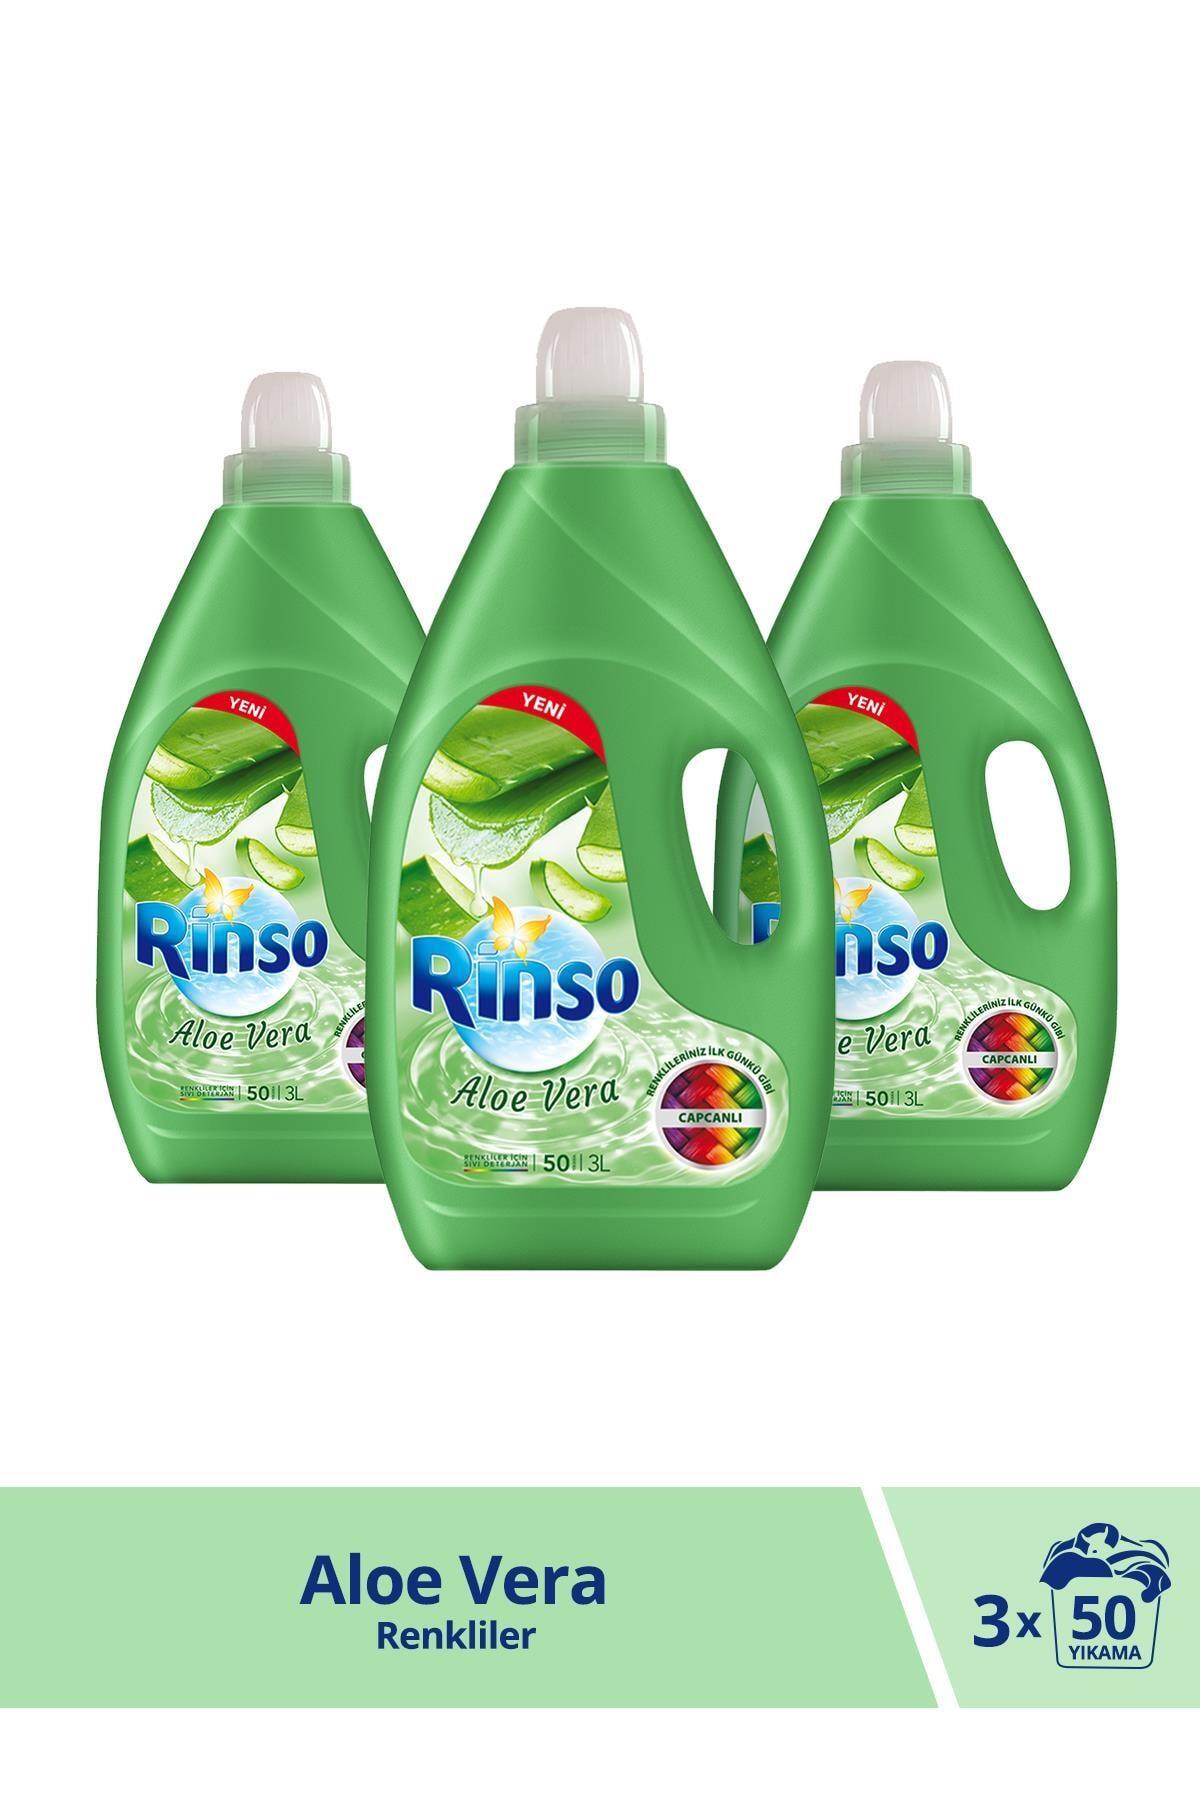 Rinso Aloe Vera Renkliler için Sıvı Çamaşır Deterjanı 3000 ML 50 Yıkama x 3 Adet